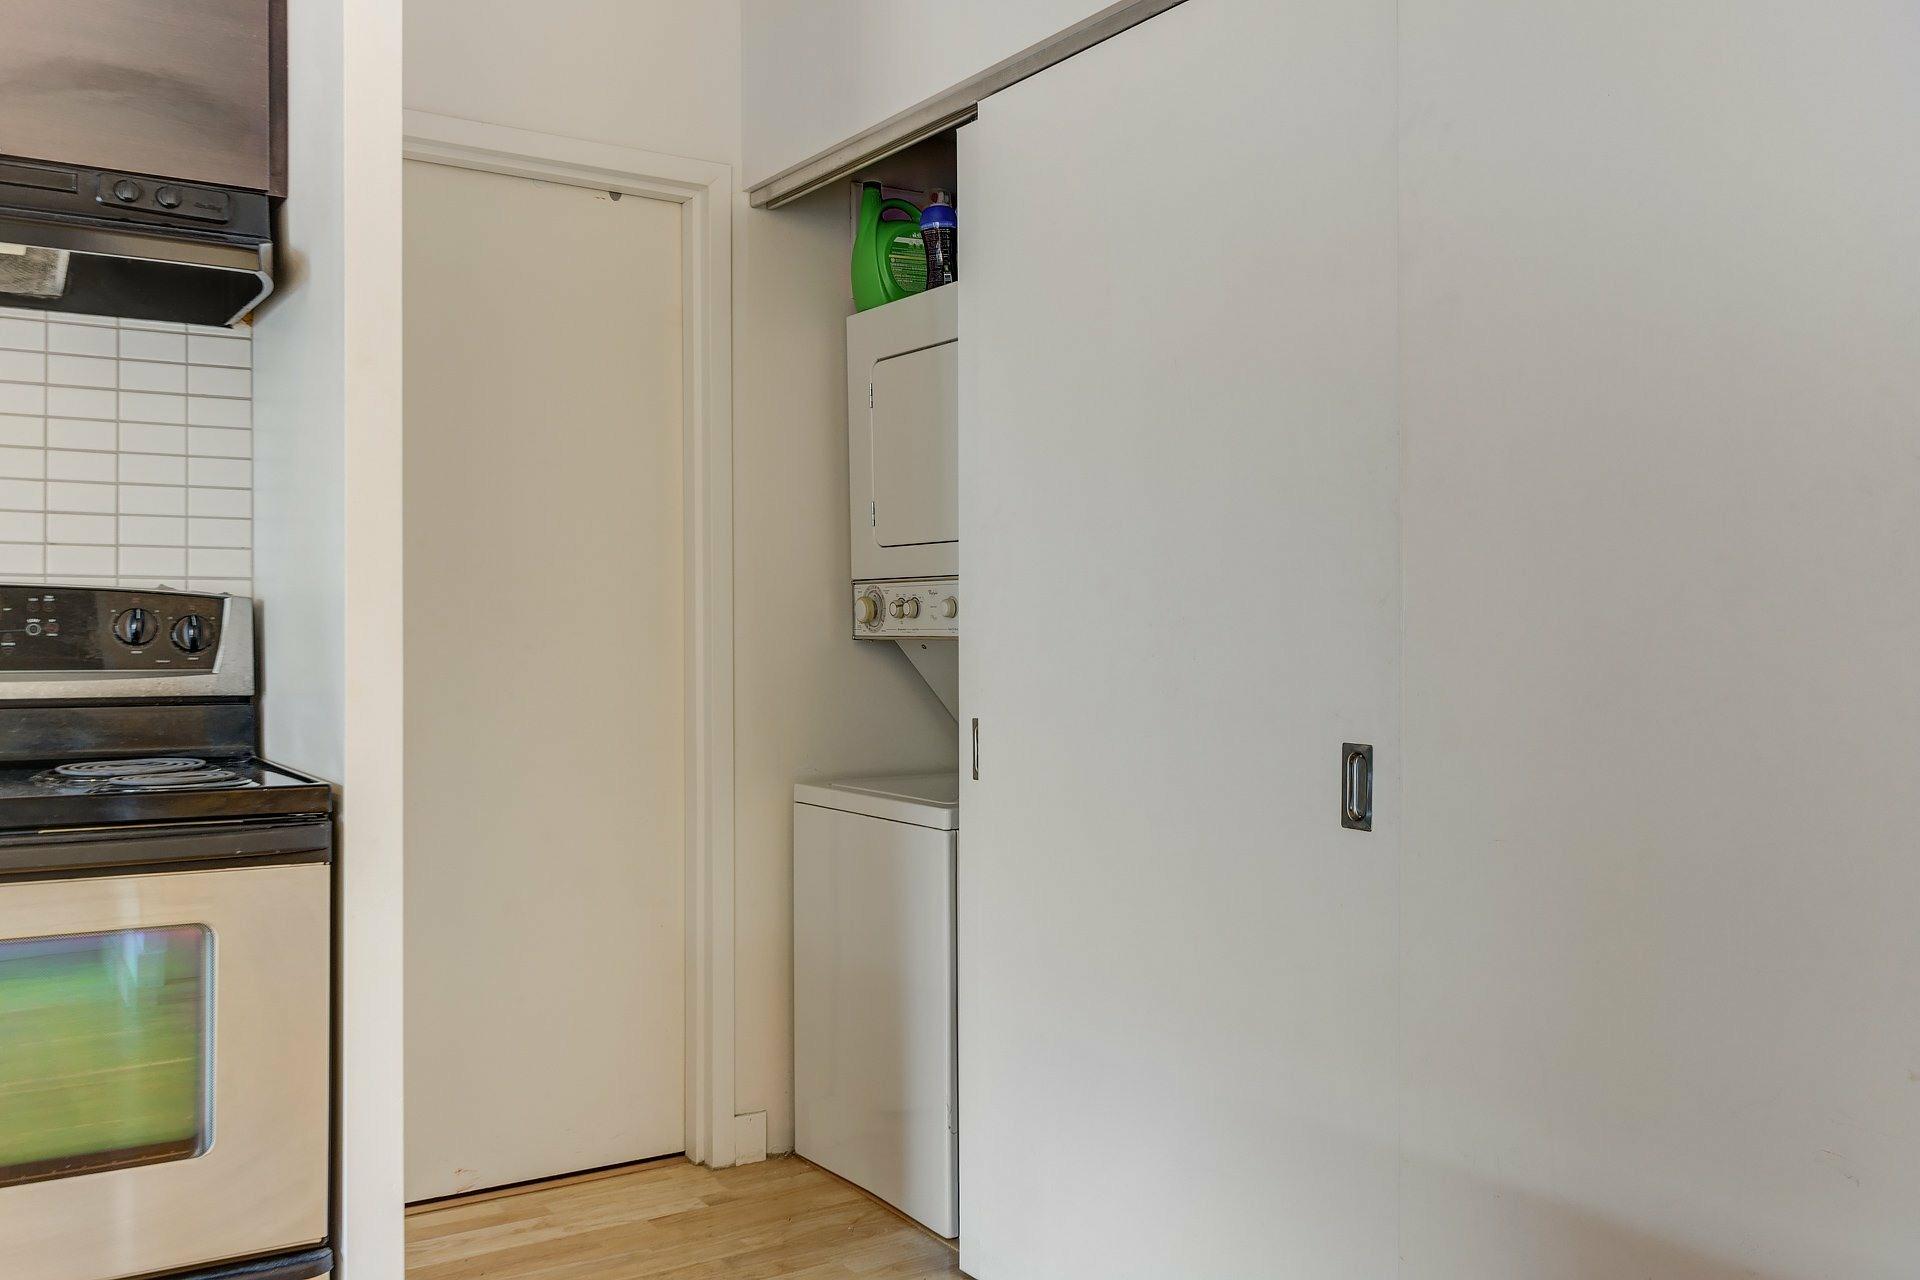 image 18 - Apartment For rent Ville-Marie Montréal  - 3 rooms